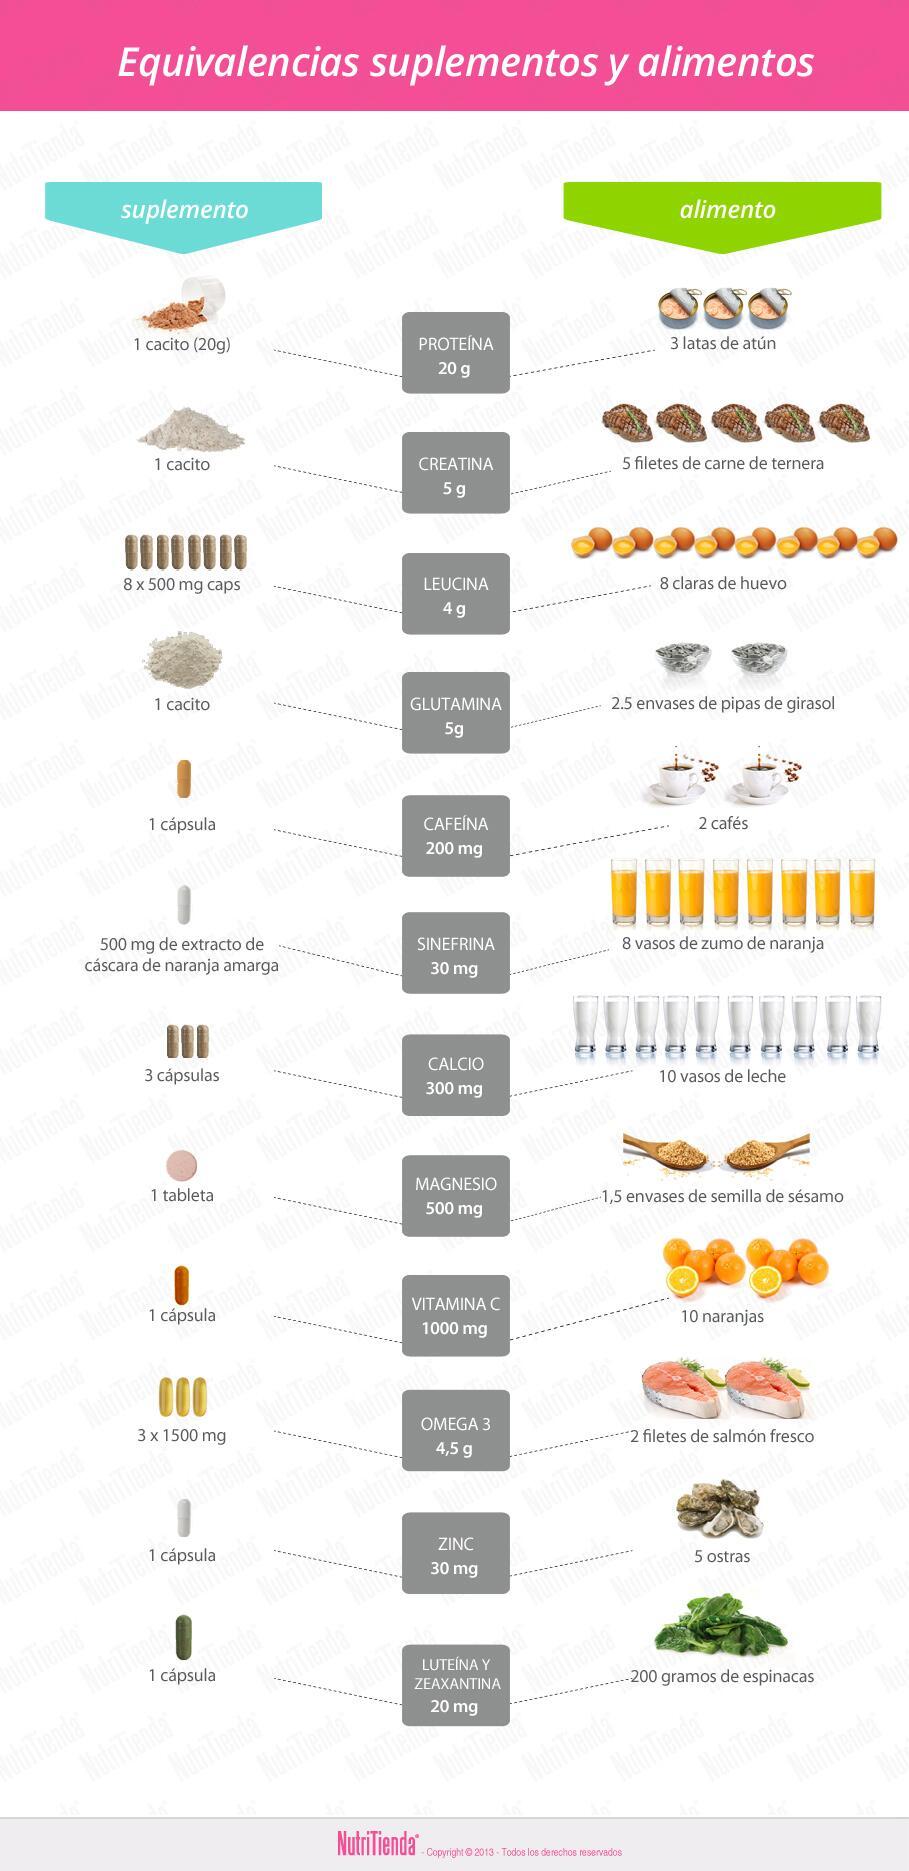 ¡Suplementos dietéticos!, una forma fácil de darle al cuerpo lo que necesita. http://t.co/JwO8WDo4iG